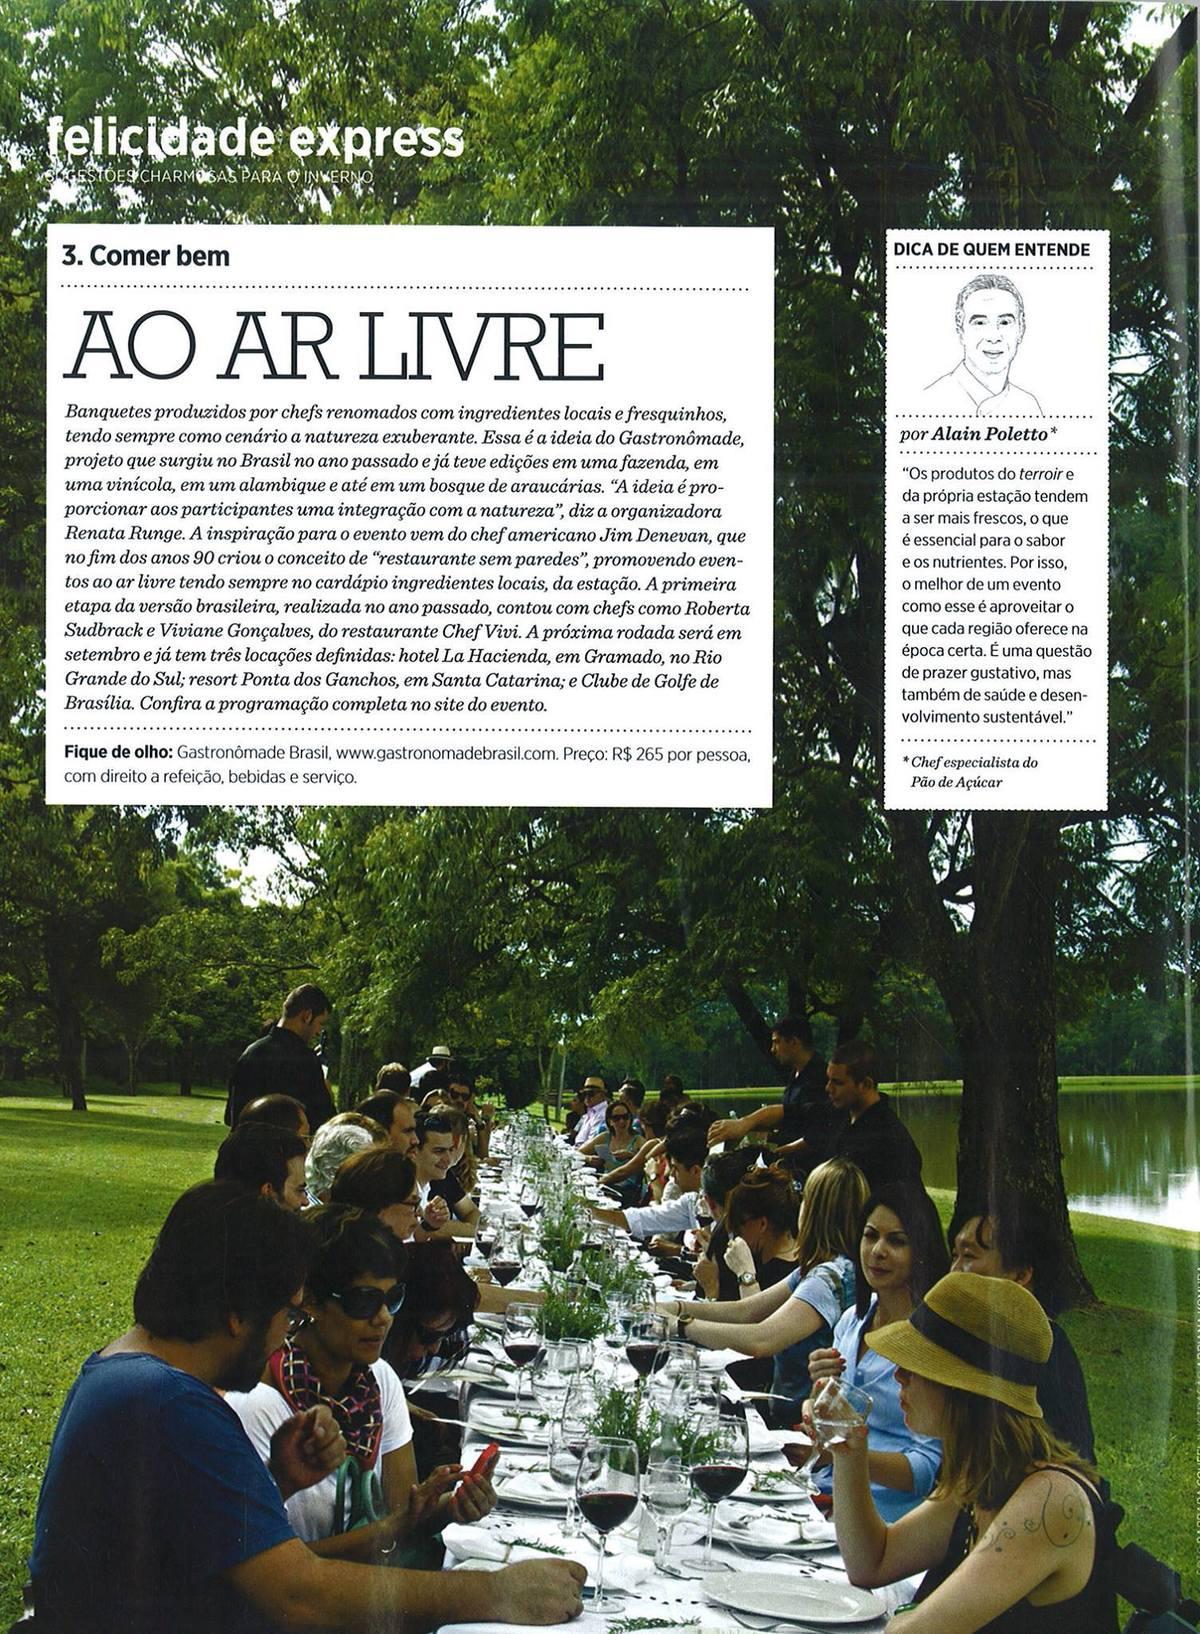 Imagem capa - Revista Mais - Grupo Pão de Açucar por Bárbara Coufal